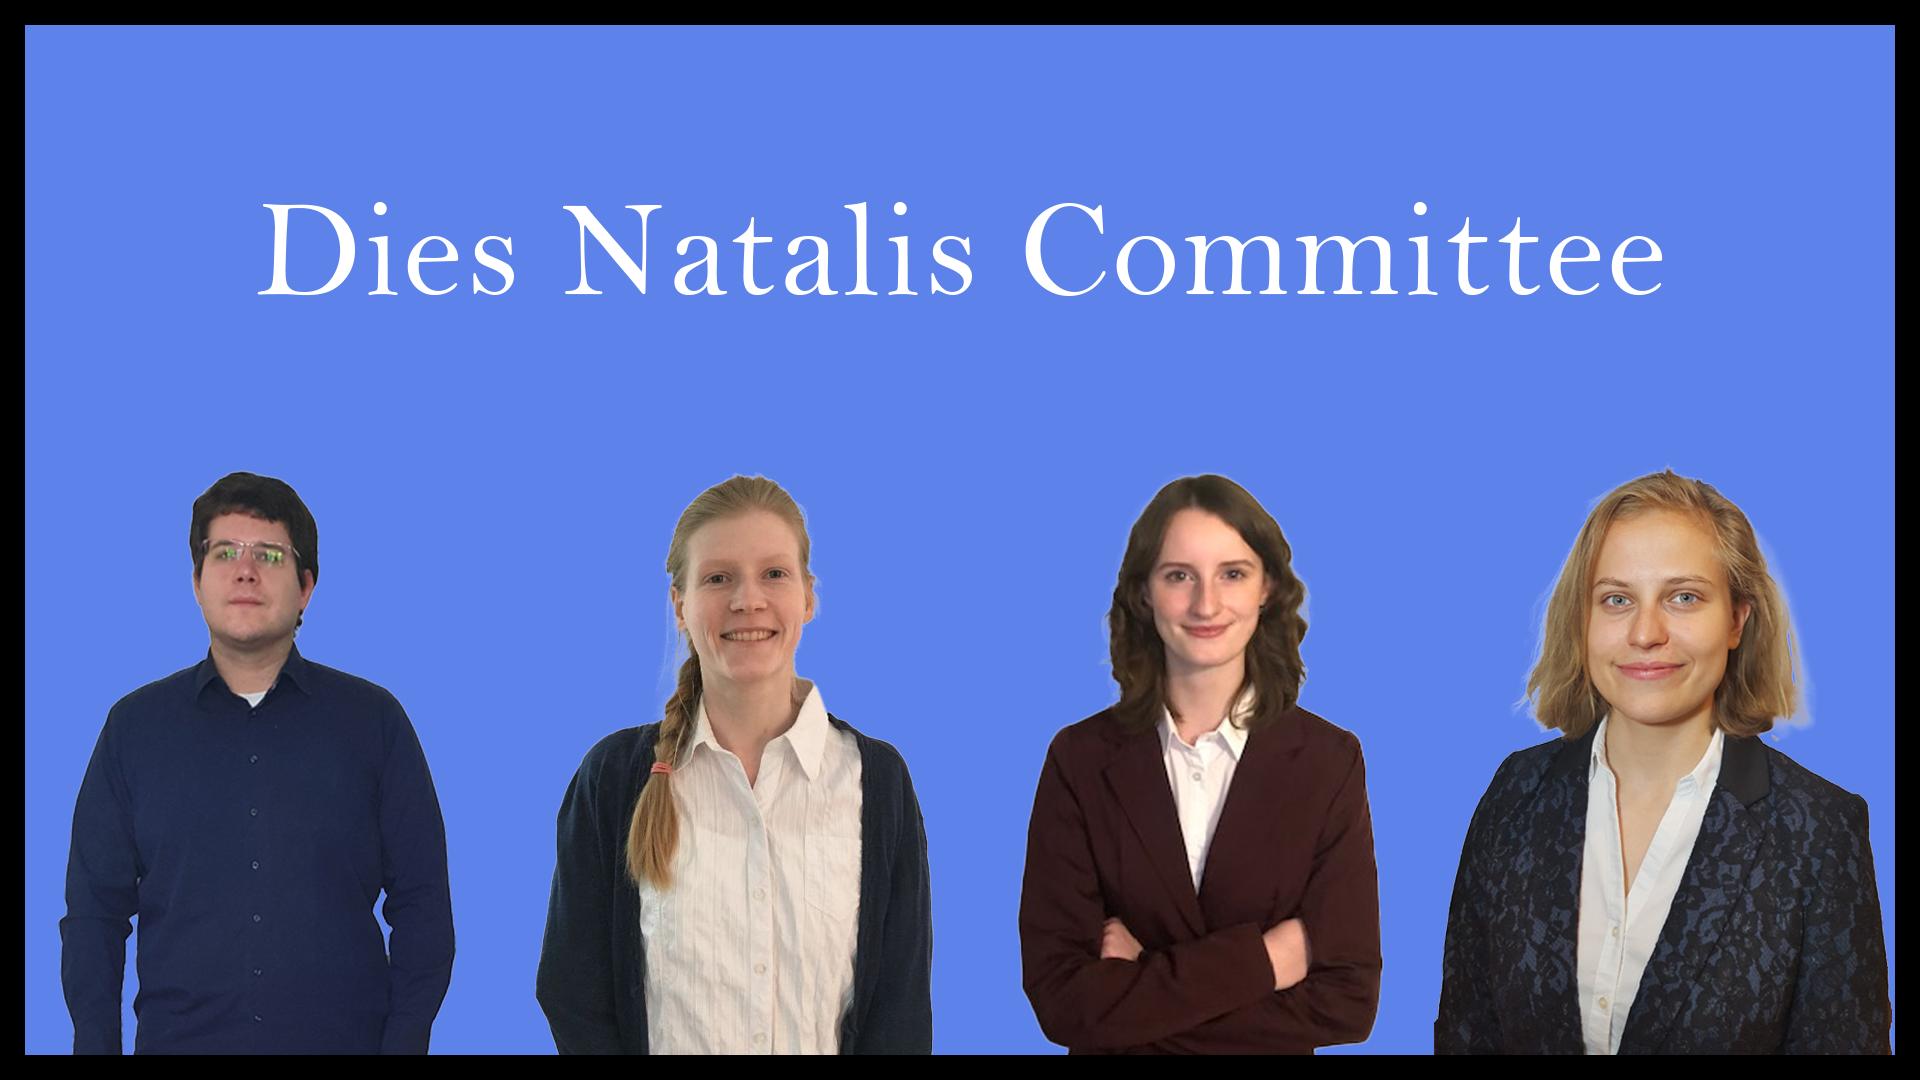 Committee Picture Dies Natalis